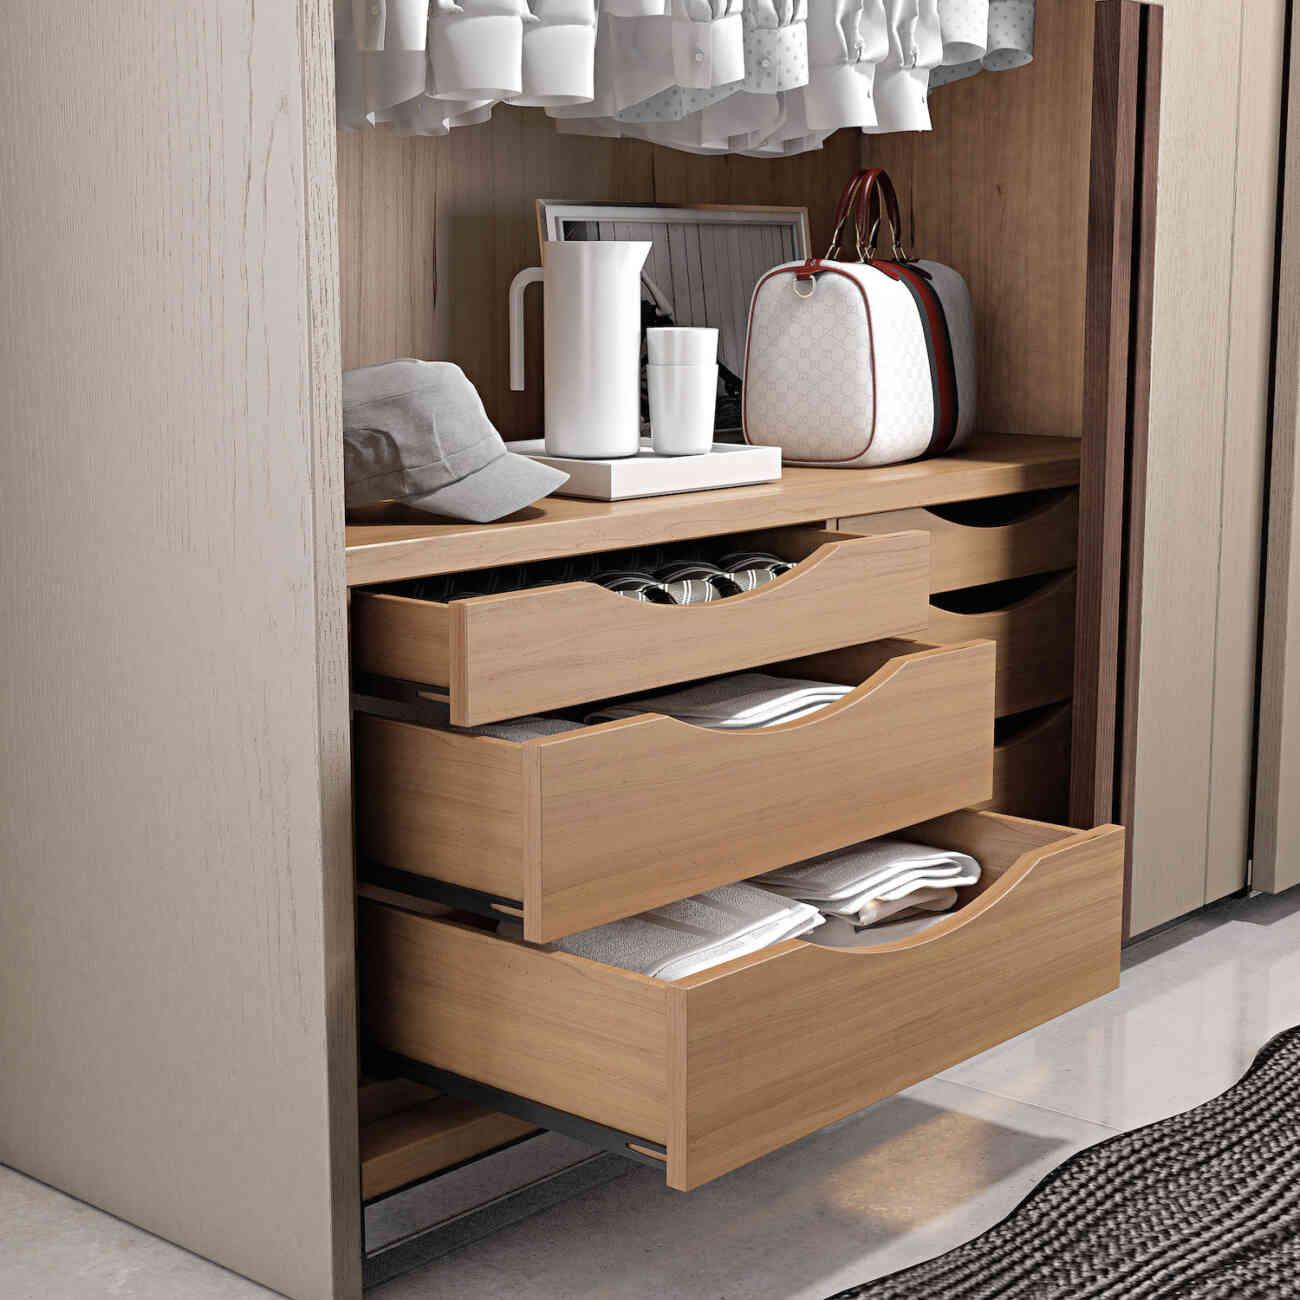 Armadio due ante scorrevoli mod rialto legno fazzini for Mobili fazzini catalogo